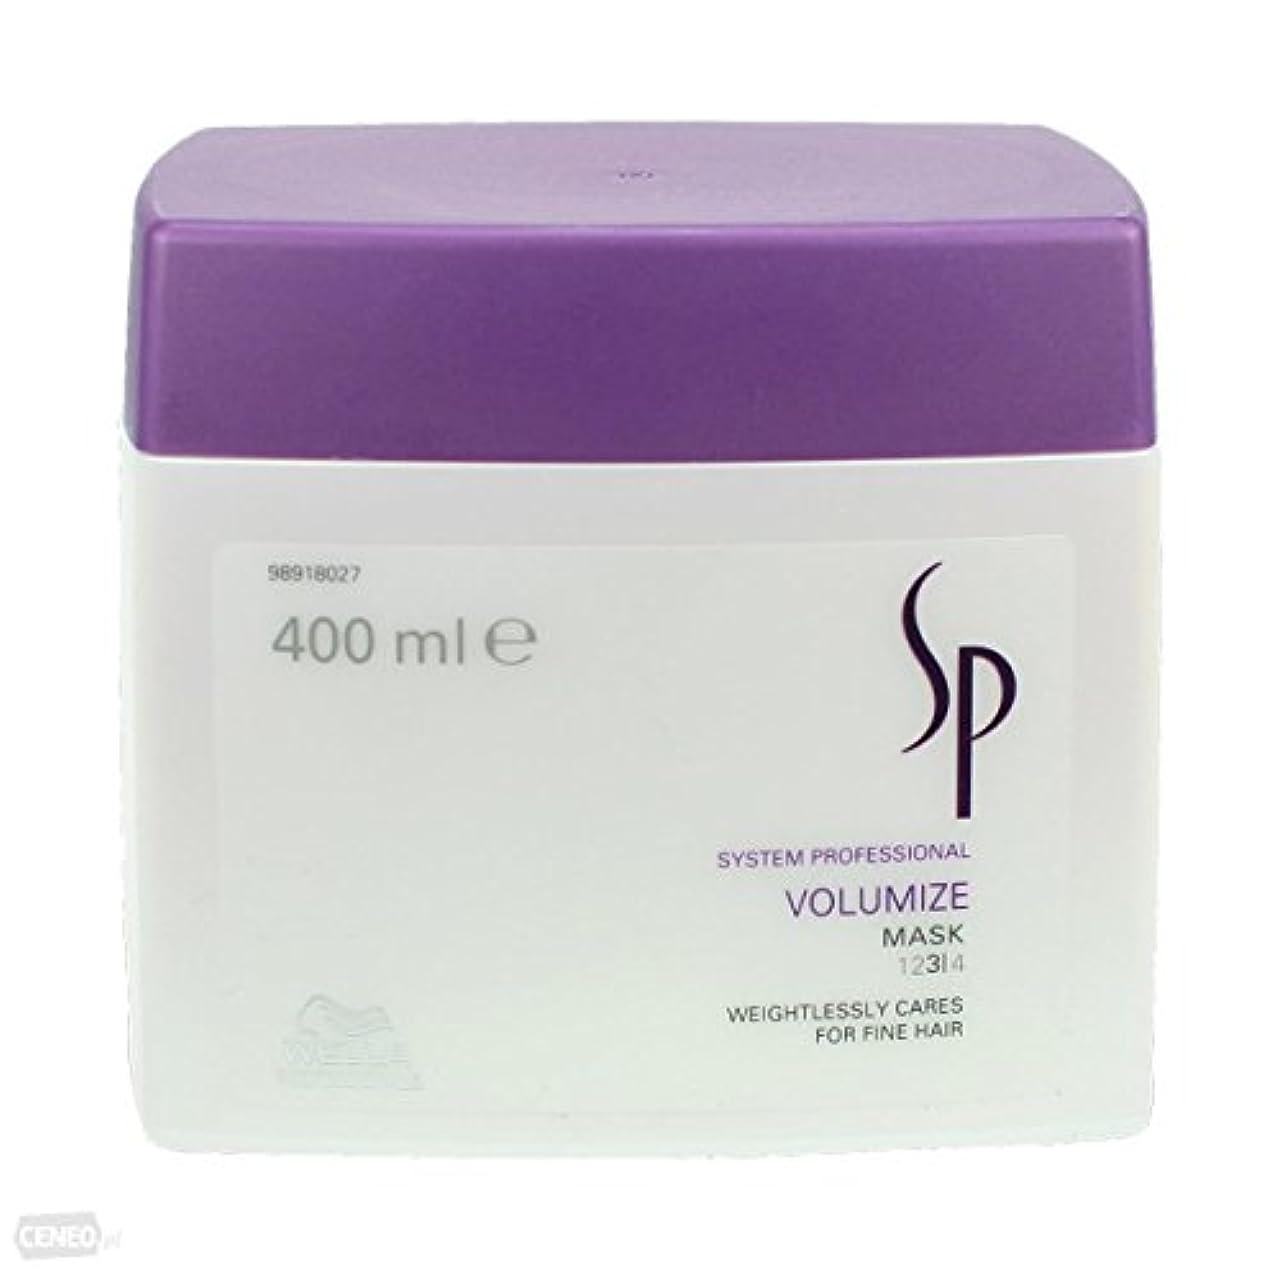 無効にする美人誘惑するWella SP Volumize Mask ( For Fine Hair ) - 400ml/13.33oz by Wella [並行輸入品]